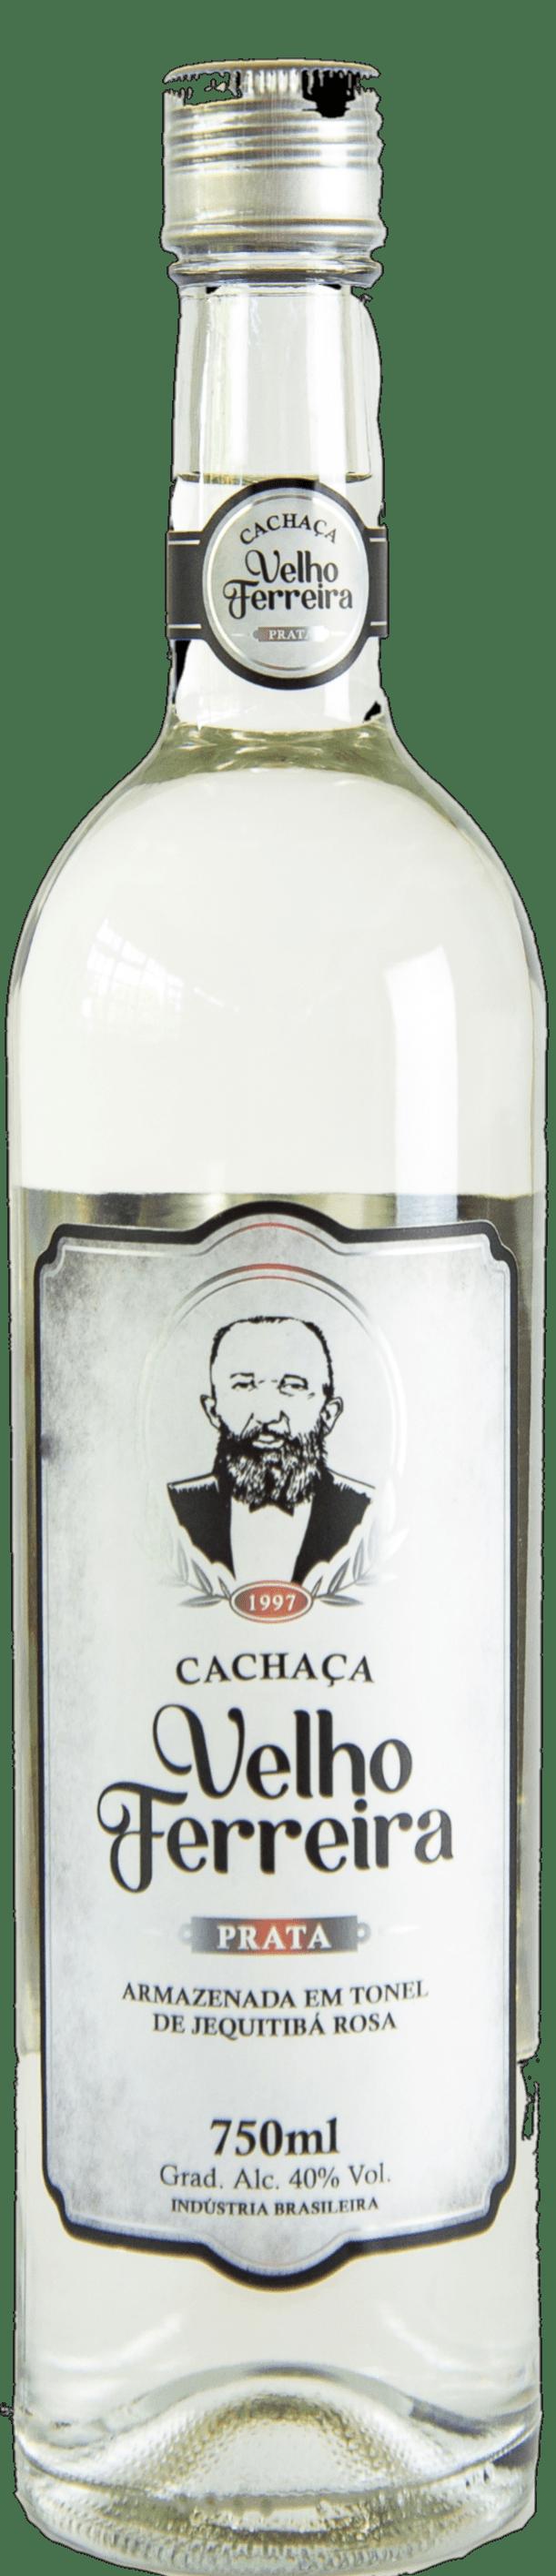 Cachaça Velho Ferreira Prata 750 ml